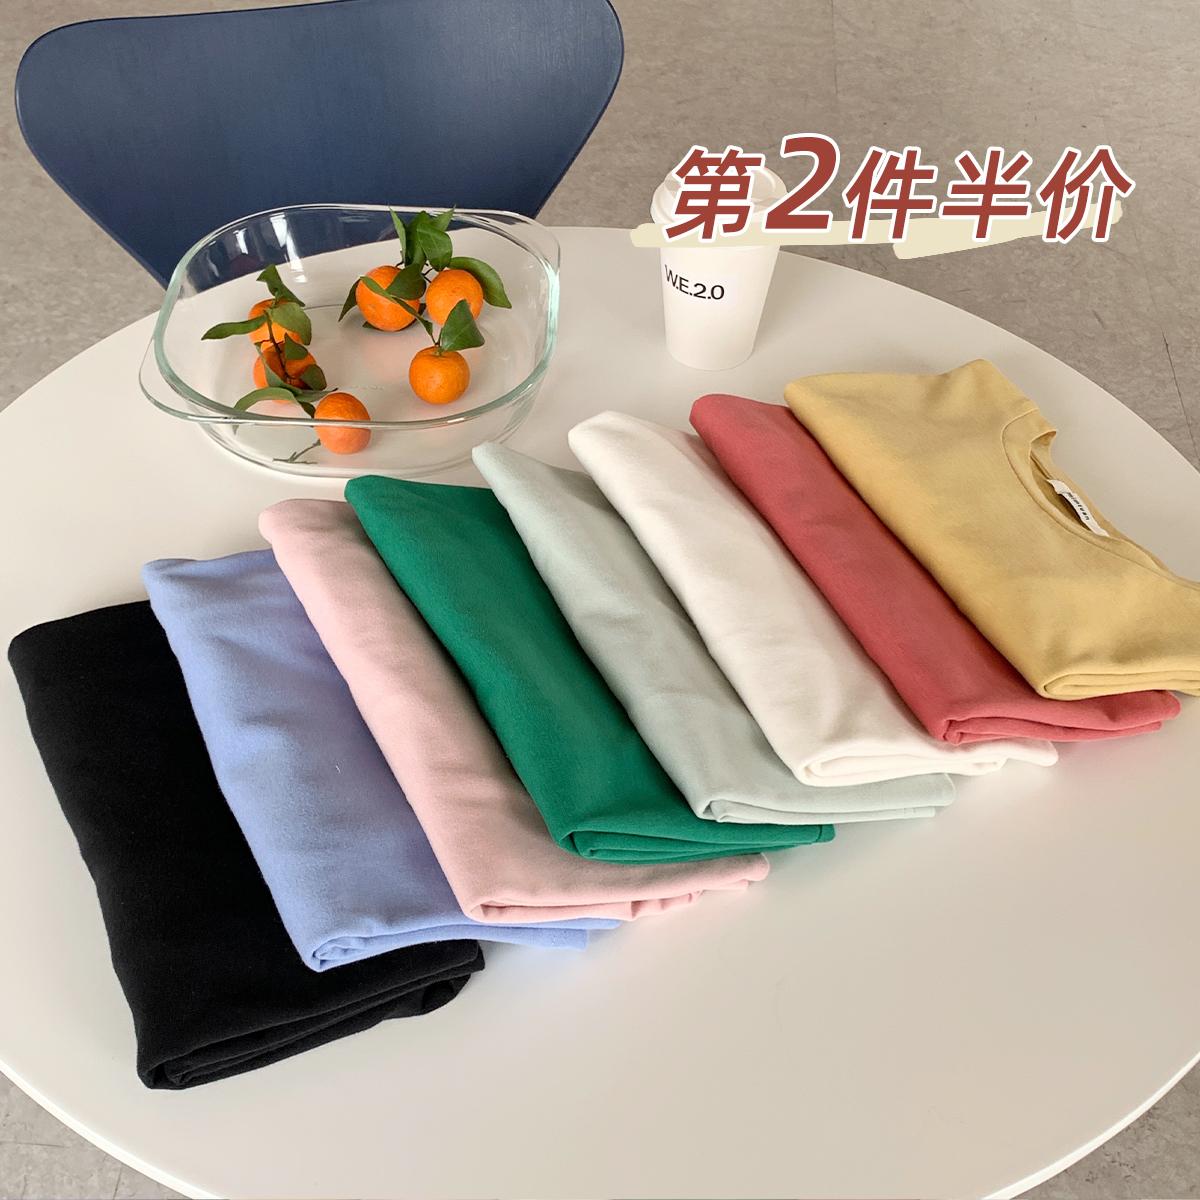 陆小团团2021夏季新款棉T恤女韩版纯白色宽松显瘦纯色打底短袖衫